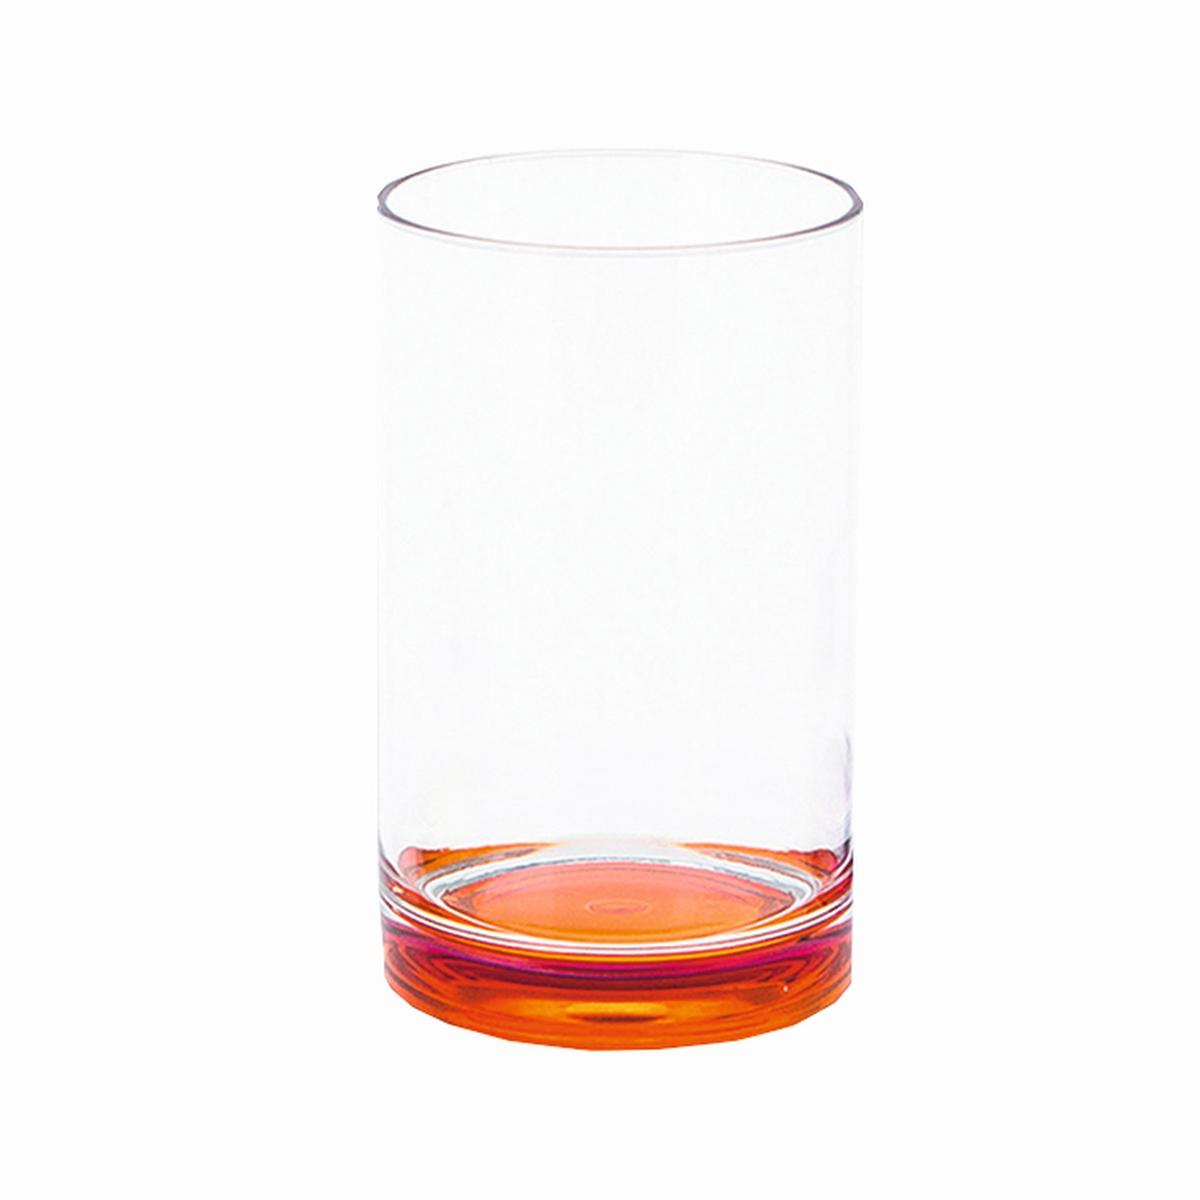 Gimex Trinkglas Boden orange